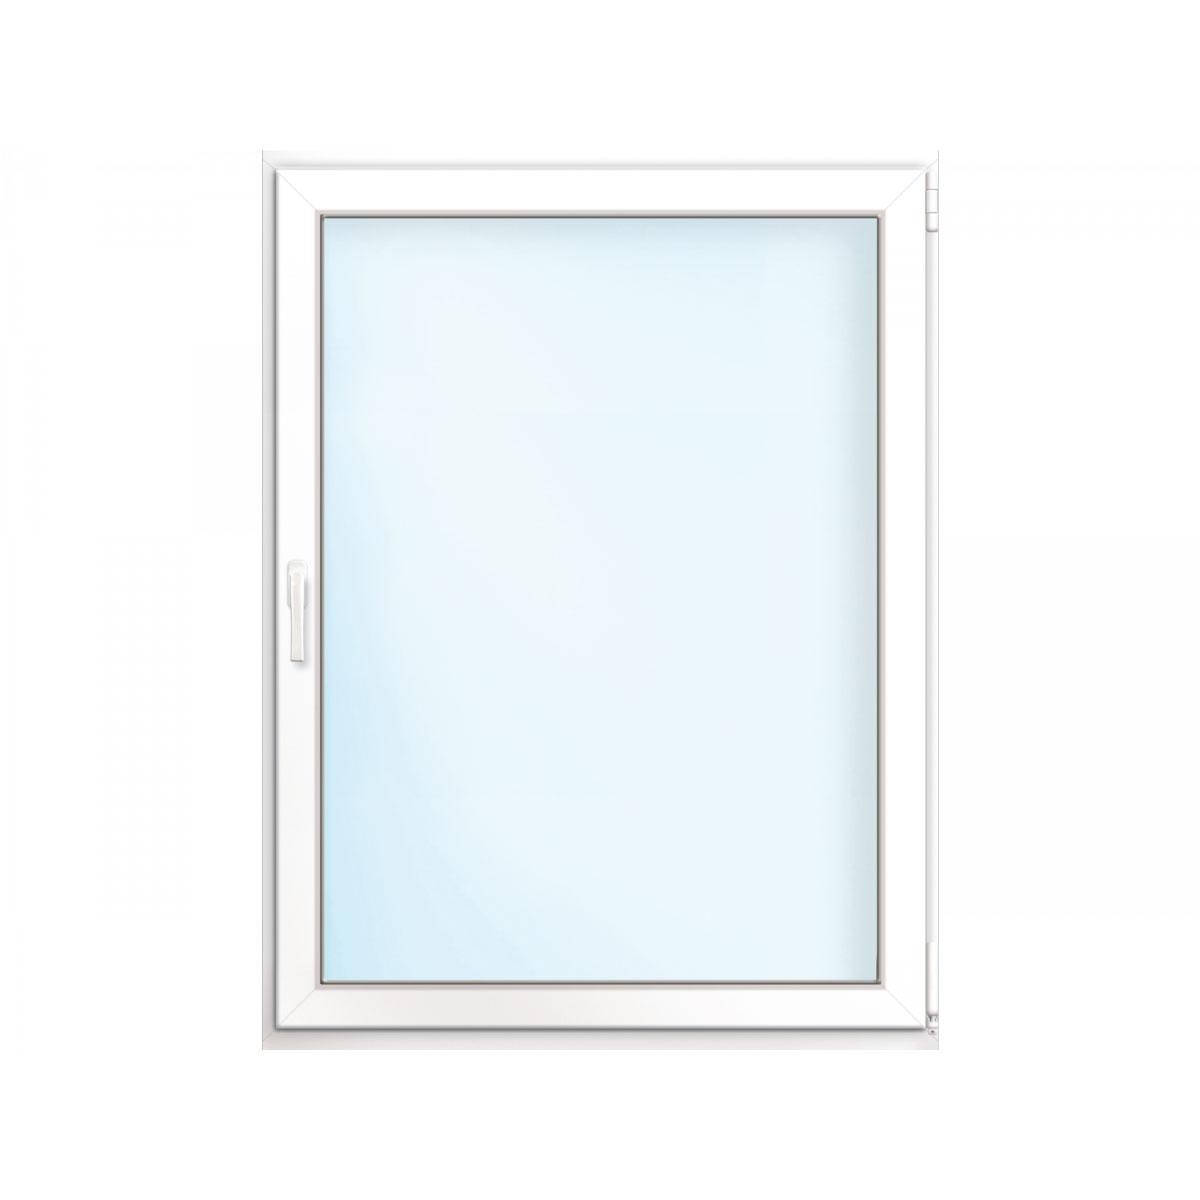 Fenster PVC 70/3 weiß/weiß Anschlag rechts 75x90 cm